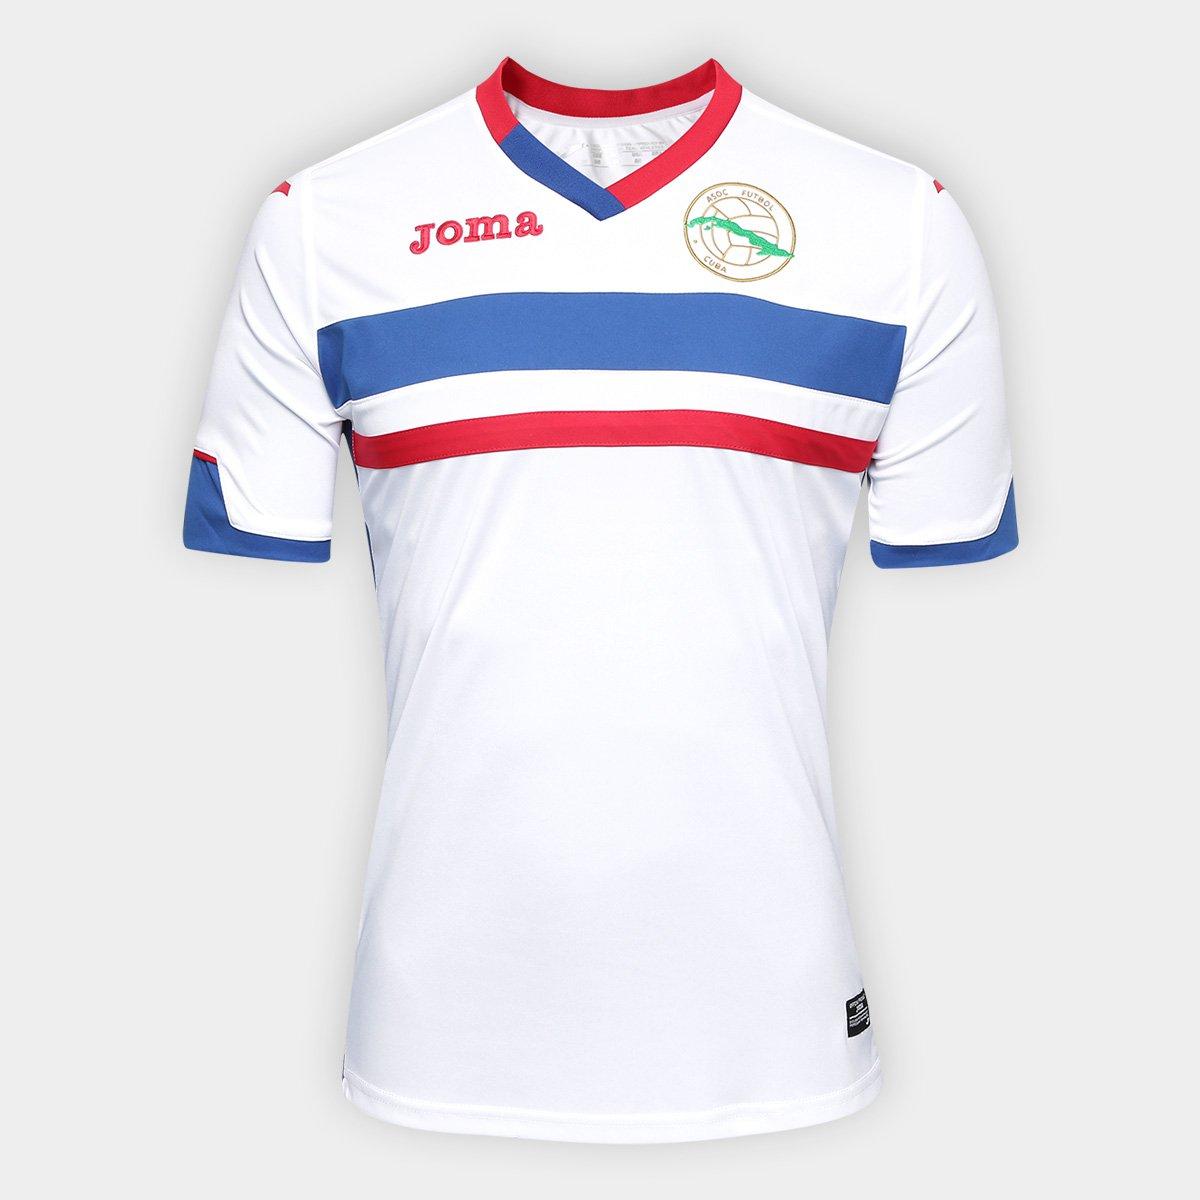 Camisa Seleção Cuba Home 2017 s nº Torcedor Joma Masculina - Compre Agora  f6efa7f535a6a